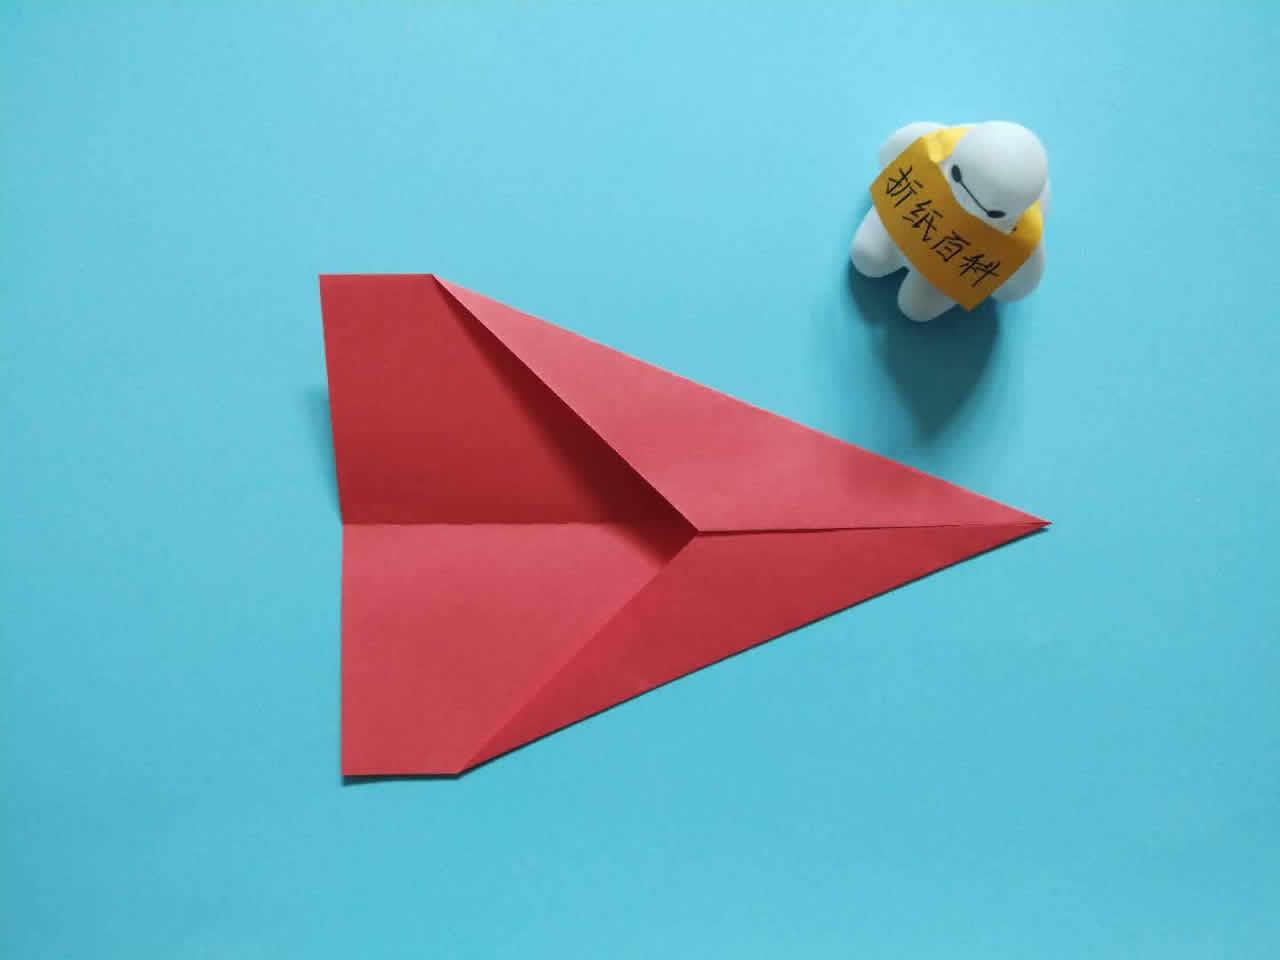 能飞得很远的折纸飞机,简单几步就做好,手工DIY折纸图解教程 家务妙招 第3张